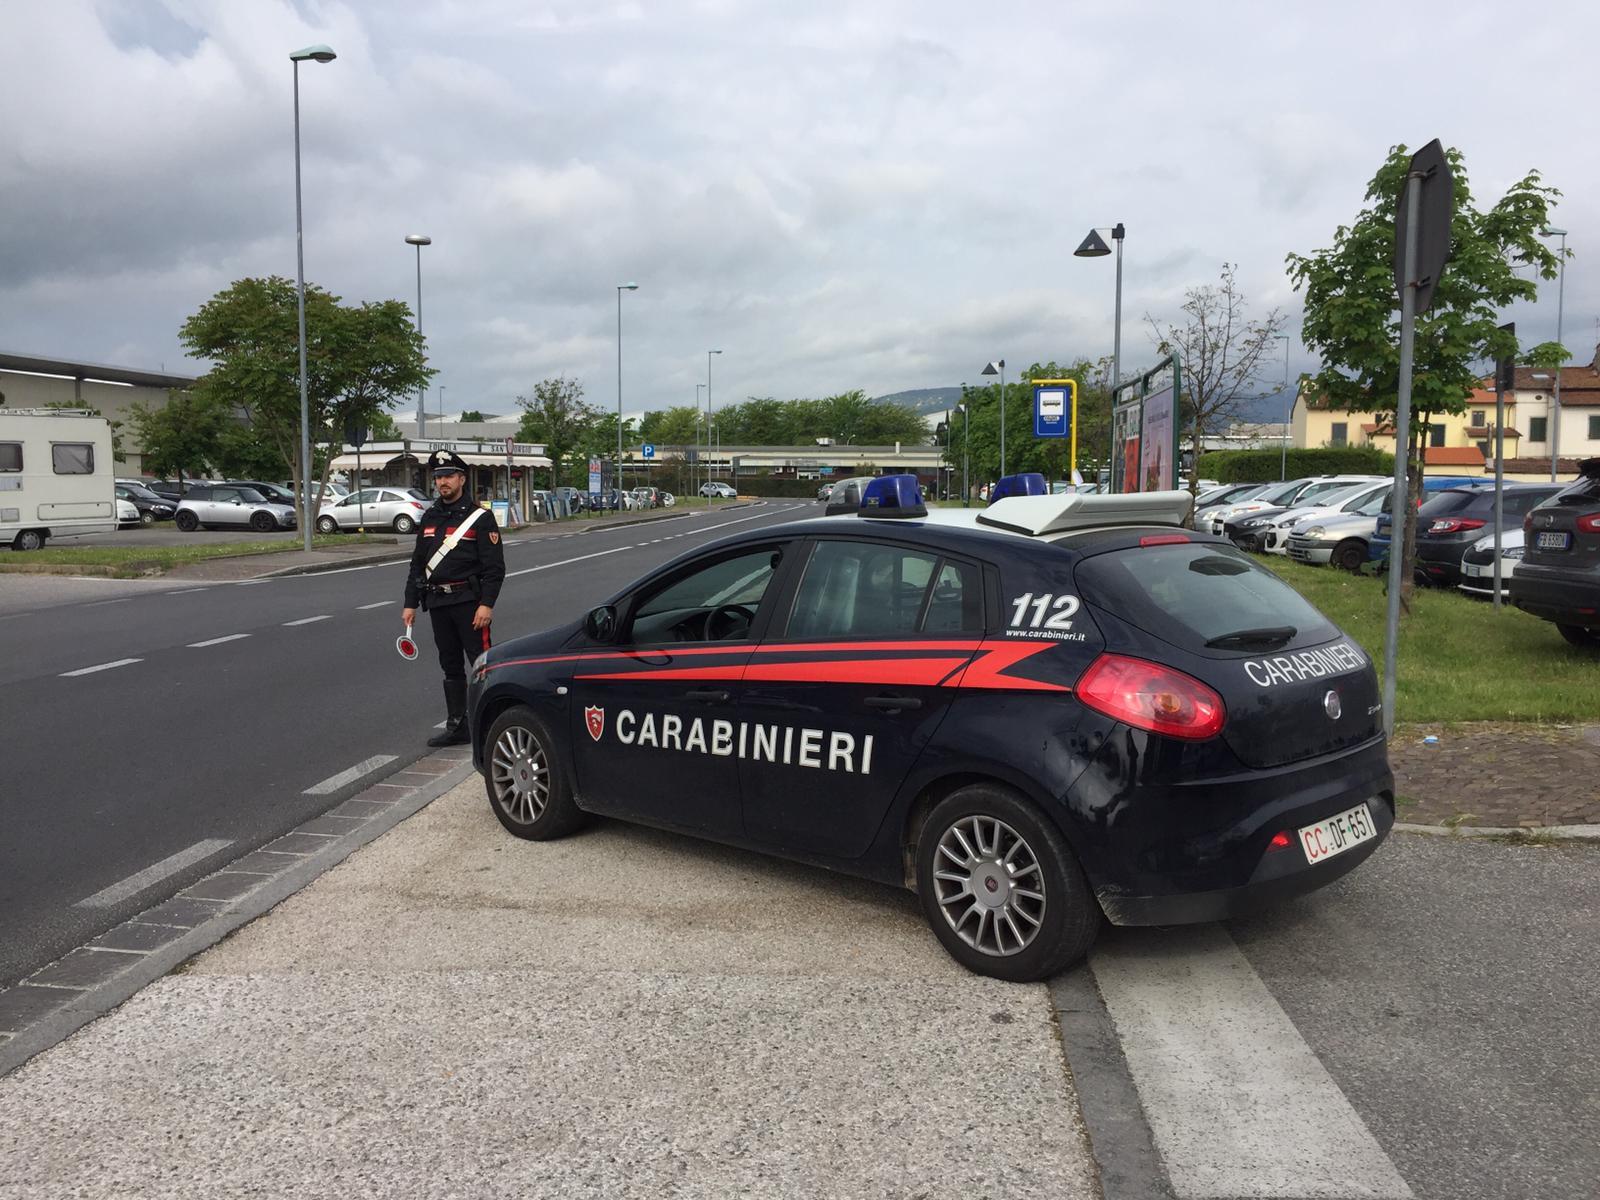 Tentano l'estorsione ma trovano i Carabinieri: due brasiliani in manette